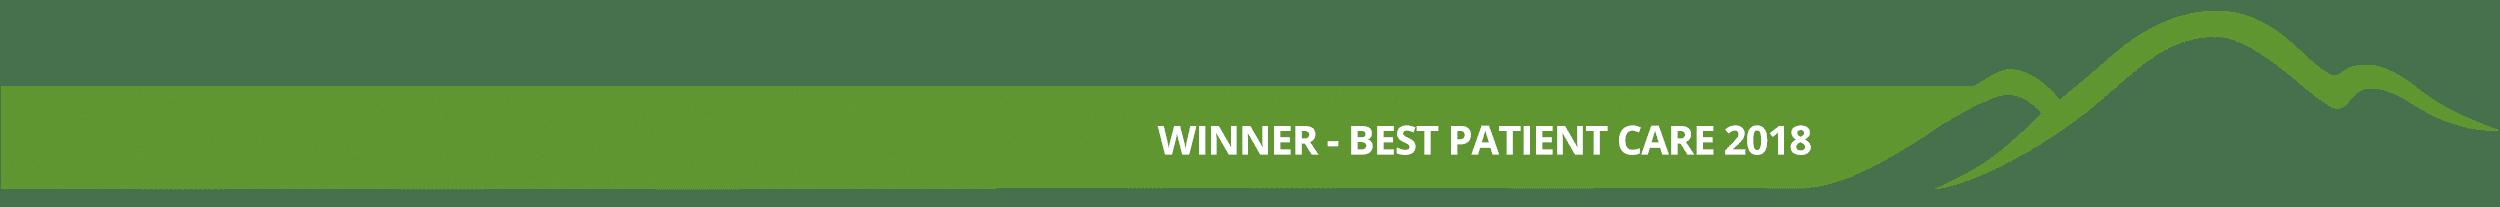 slide-text-beacon-awards